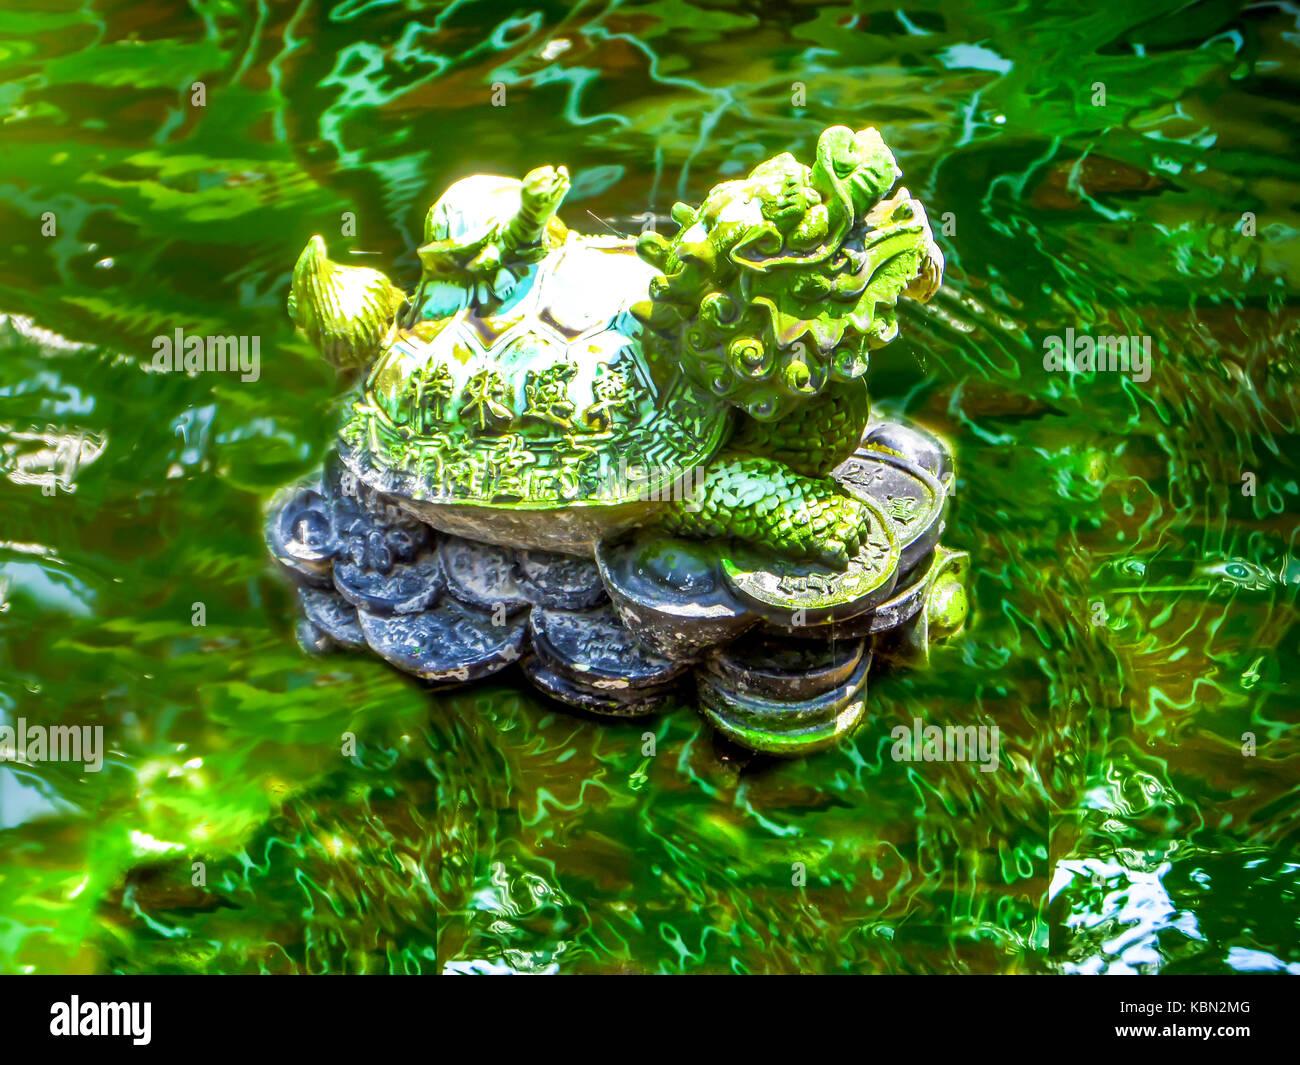 Gold green dragon turtle Pixiu presso la piscina e l'acqua di superficie a specchio, il popolo cinese e alcuni Immagini Stock